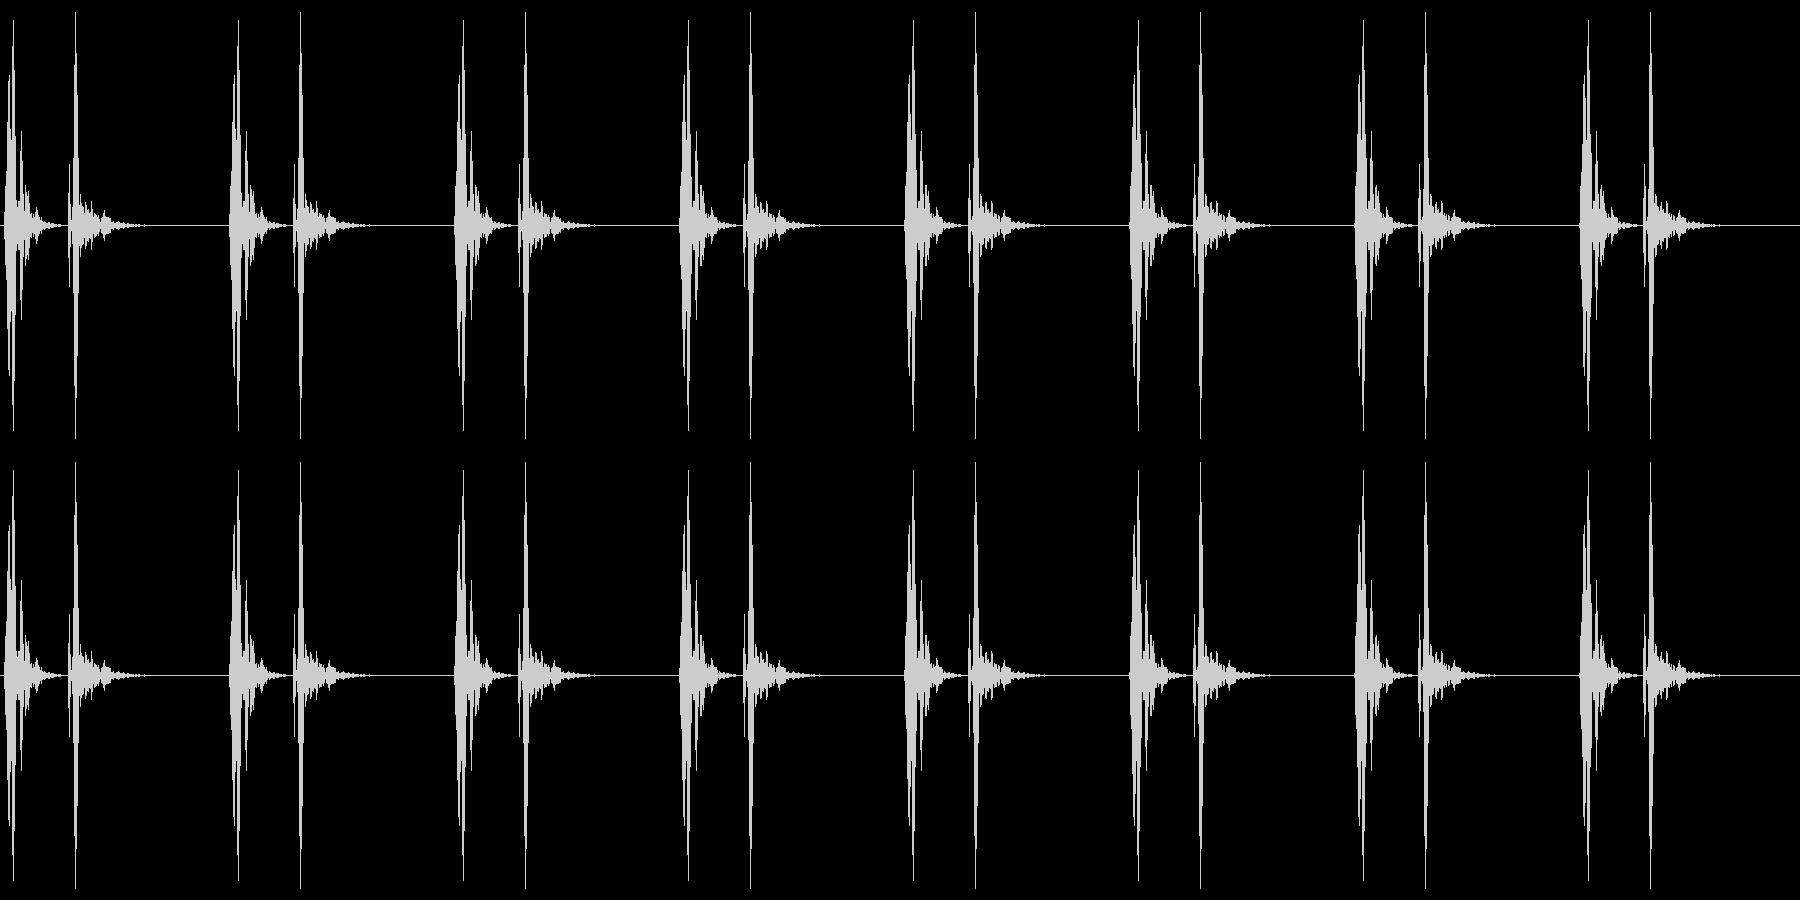 【 心臓 】ドックンドックン (速め)の未再生の波形